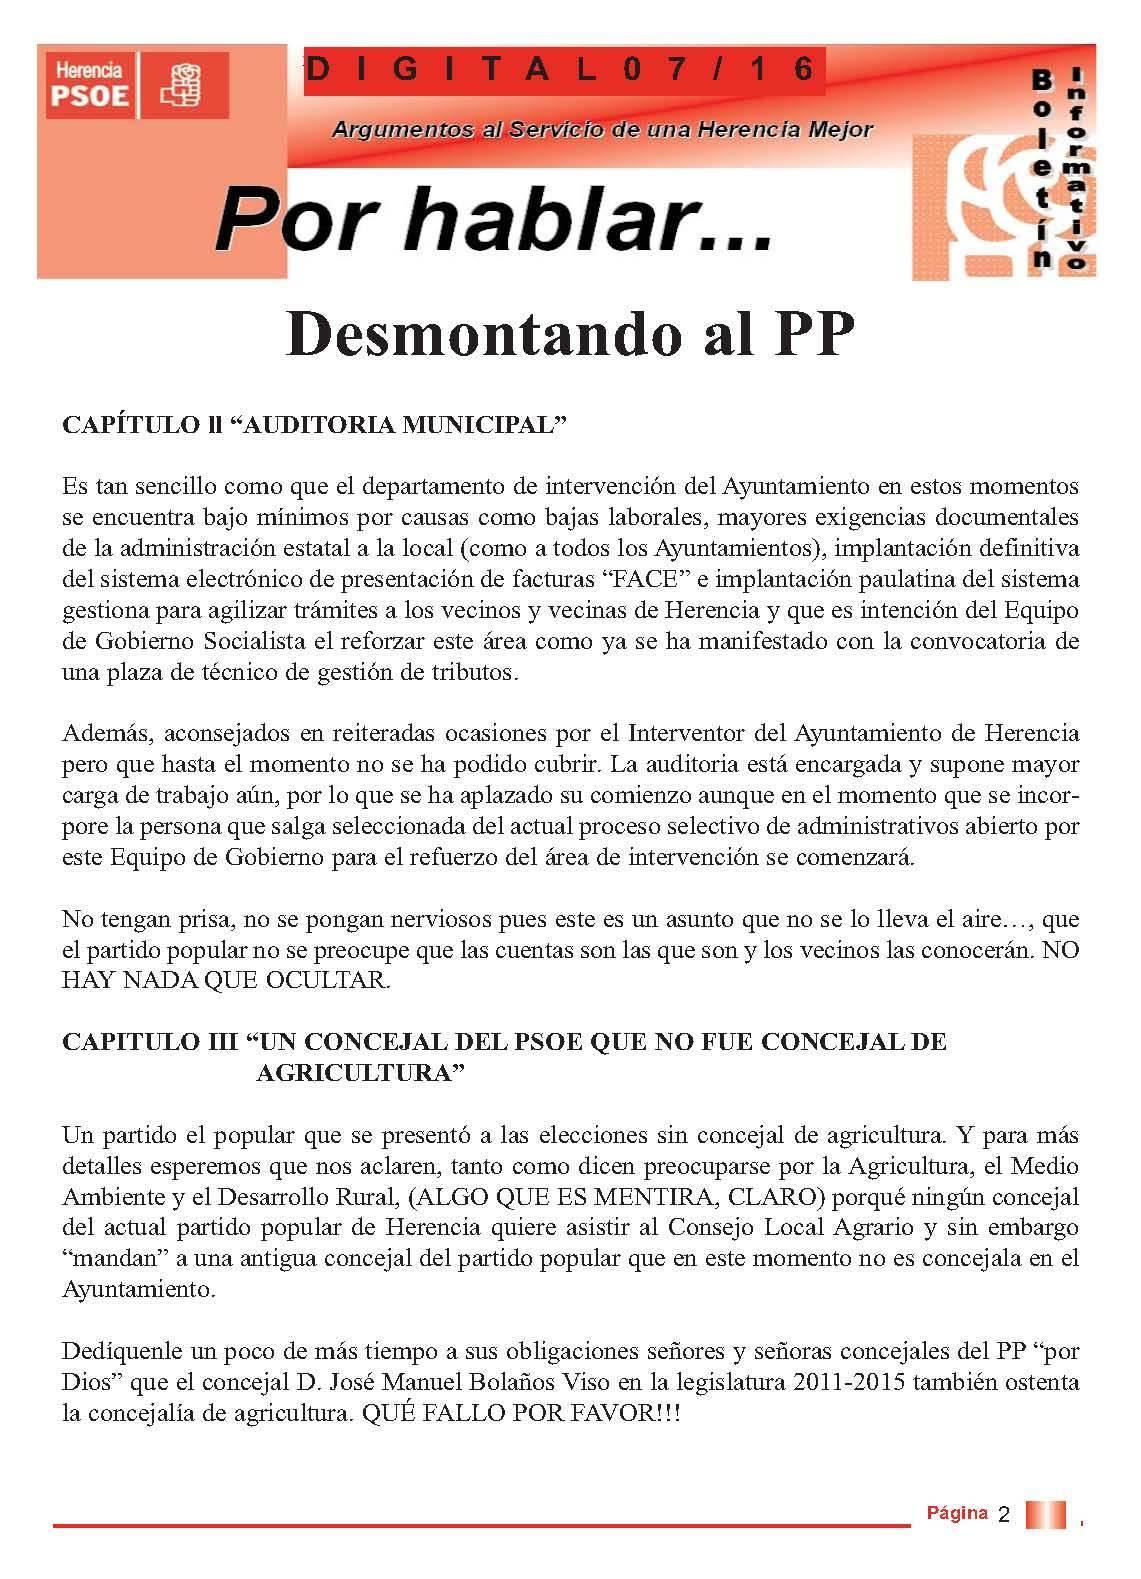 boletin informatico psoe herencia desmontando al pp 2 - PSOE responde al boletín del PP con otro boletín